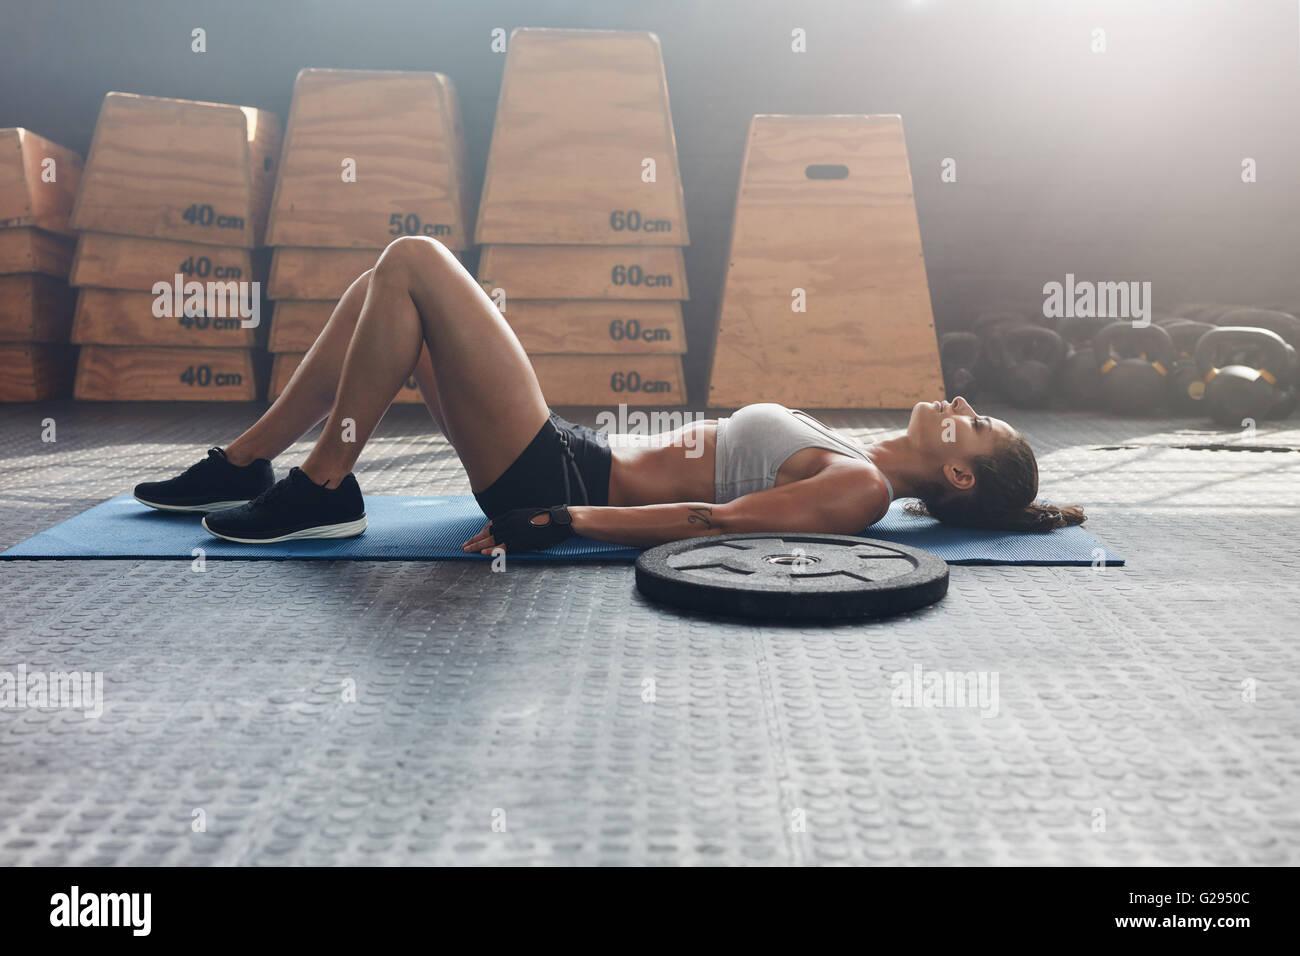 Blick Richtungskontrolle Fitness Frau ruht auf Übung Matte mit einem schweren Gewicht Teller am Boden. Sportlerin, Stockbild